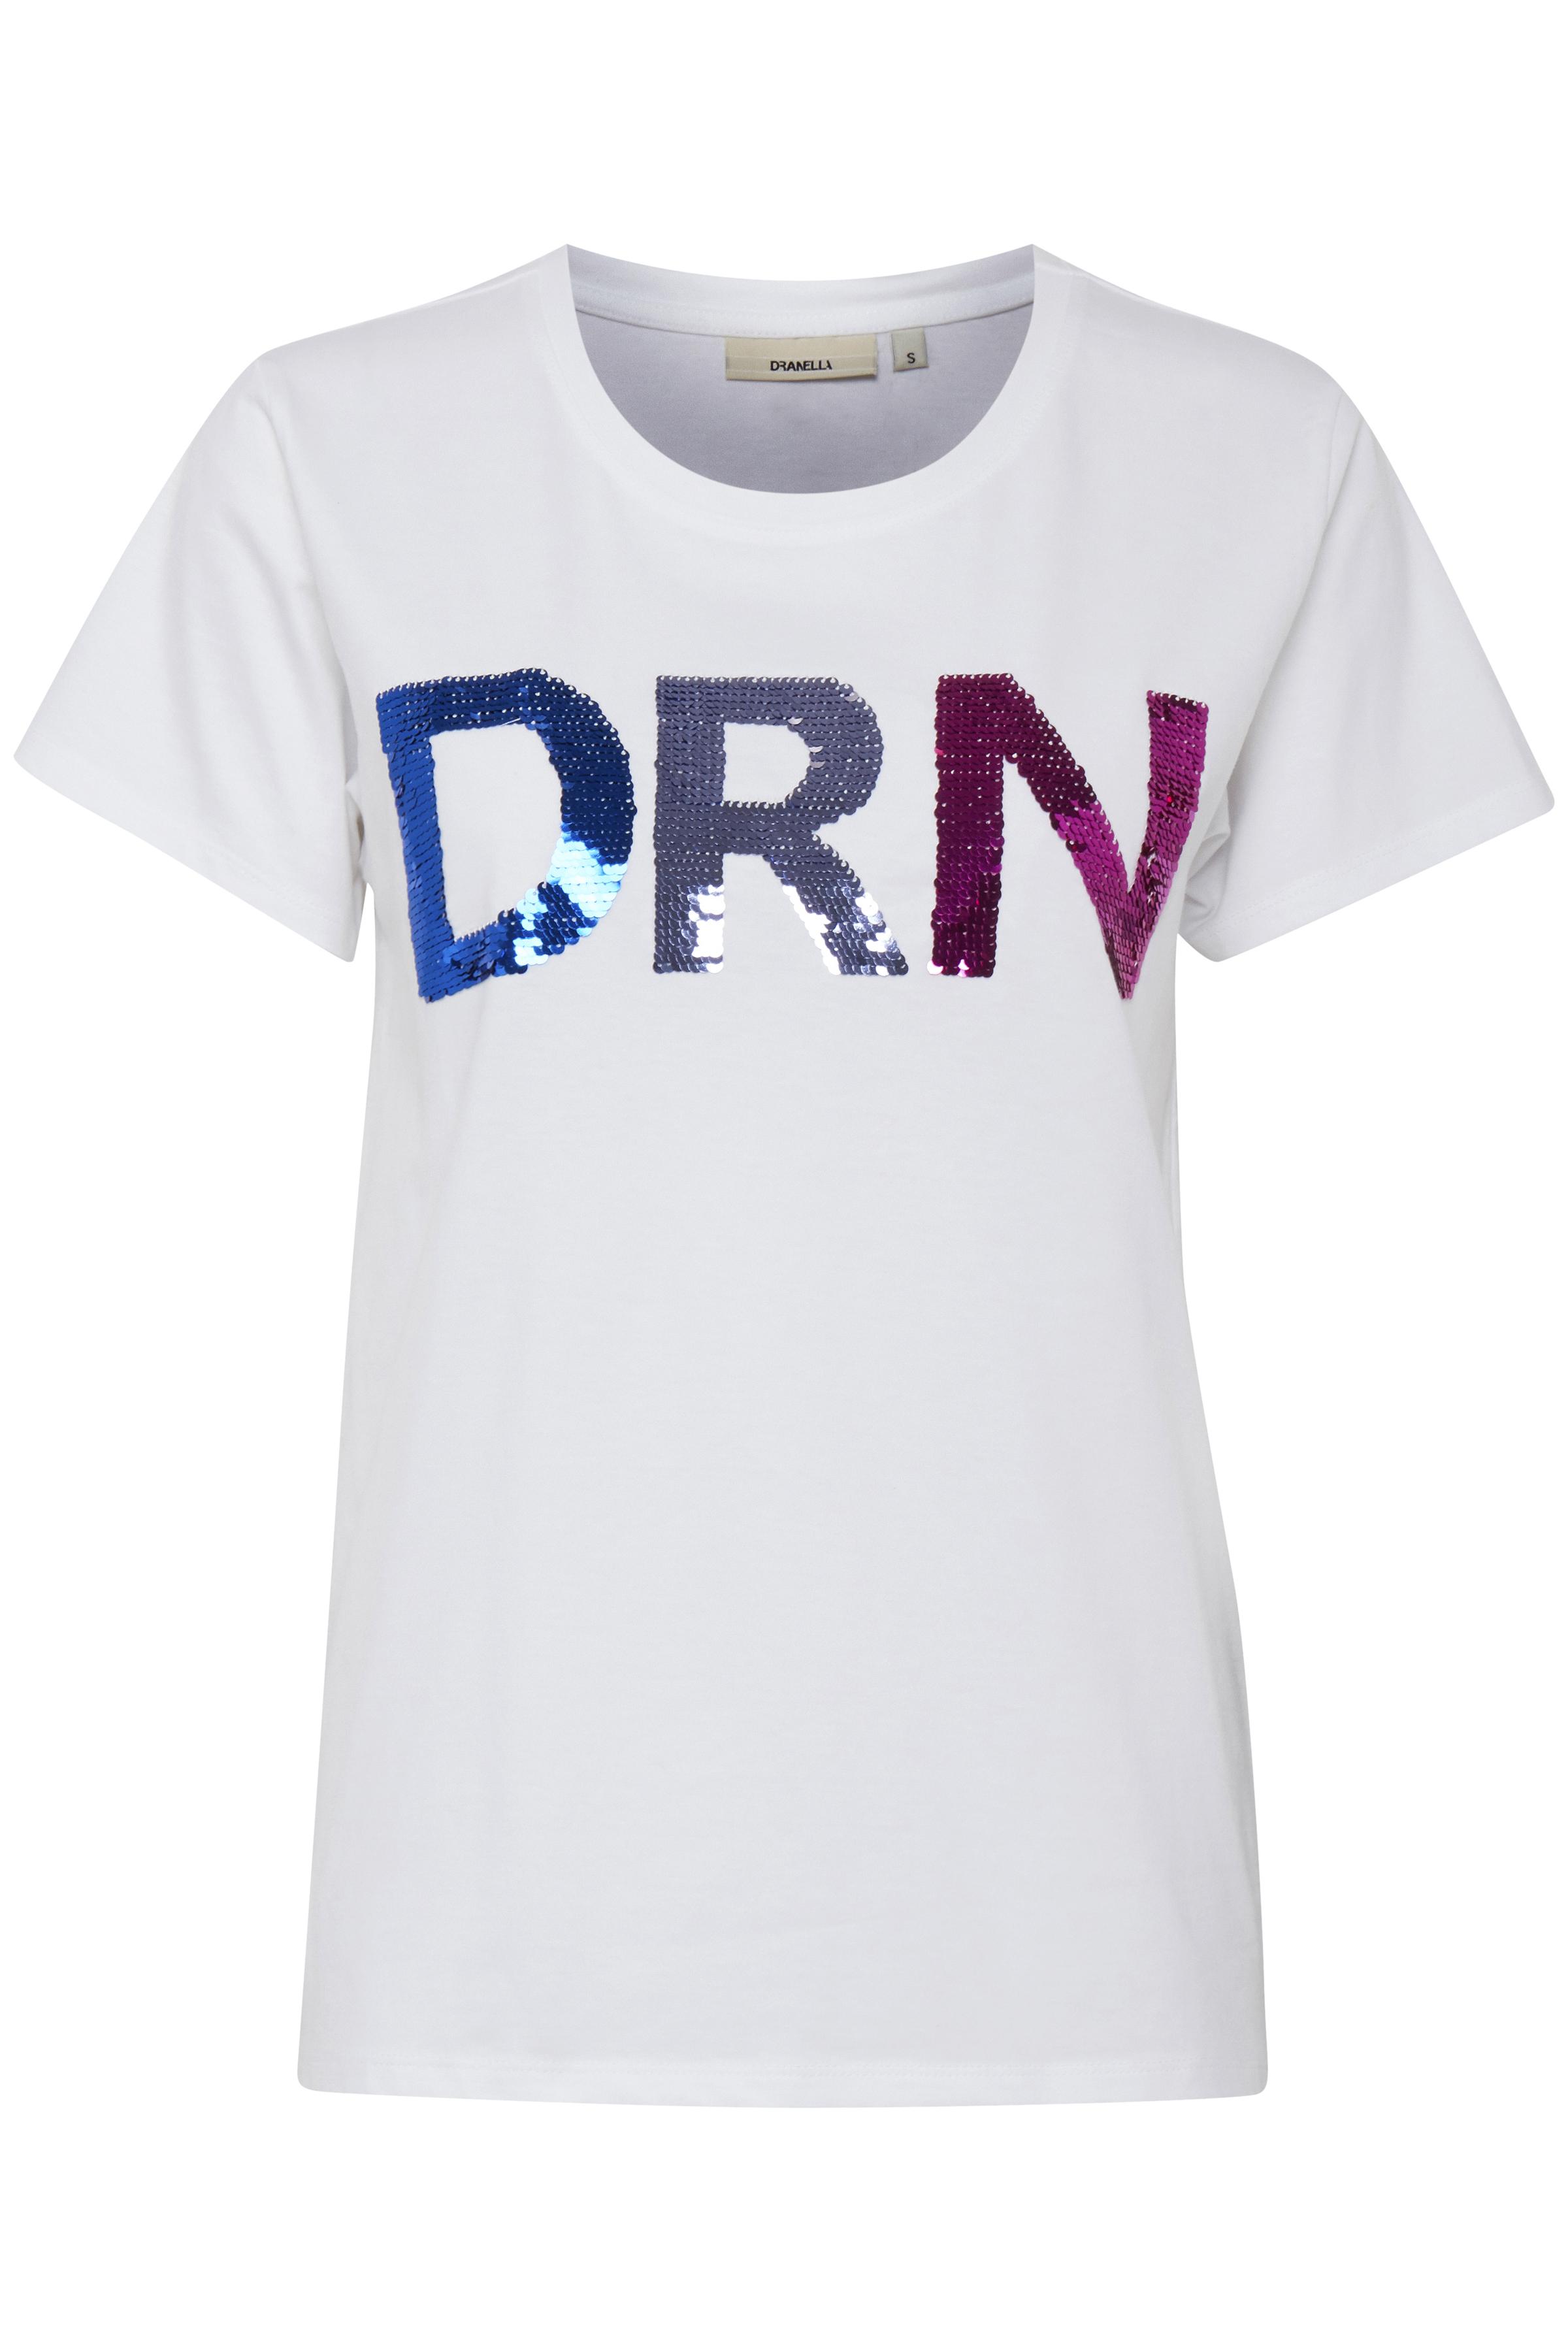 Off-white T-shirt korte mouw van Dranella – Door Off-white T-shirt korte mouw van maat. XS-XXL hier